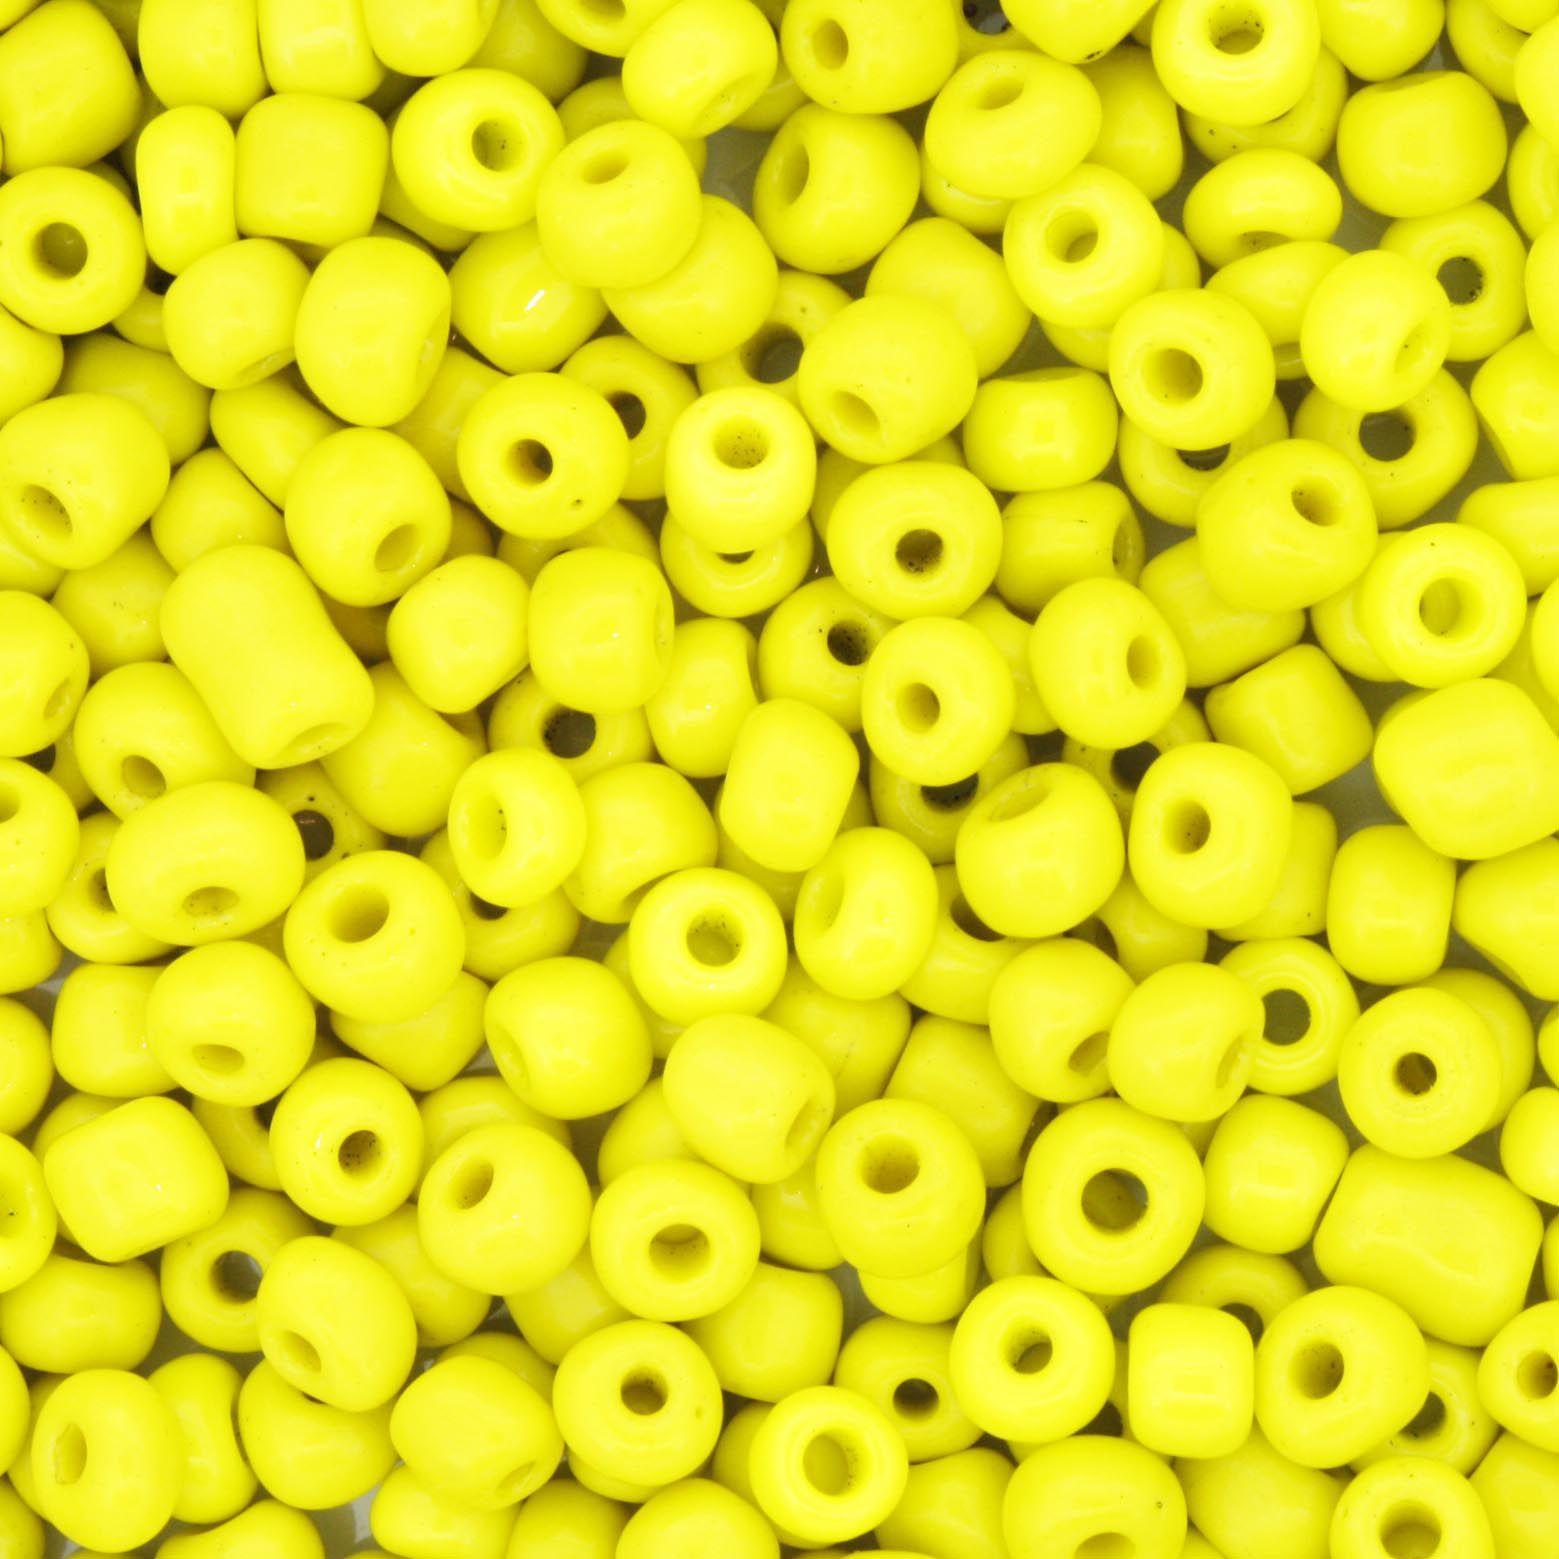 Miçanga 6/0 - 4.0x3.0mm - Amarela   - Universo Religioso® - Artigos de Umbanda e Candomblé